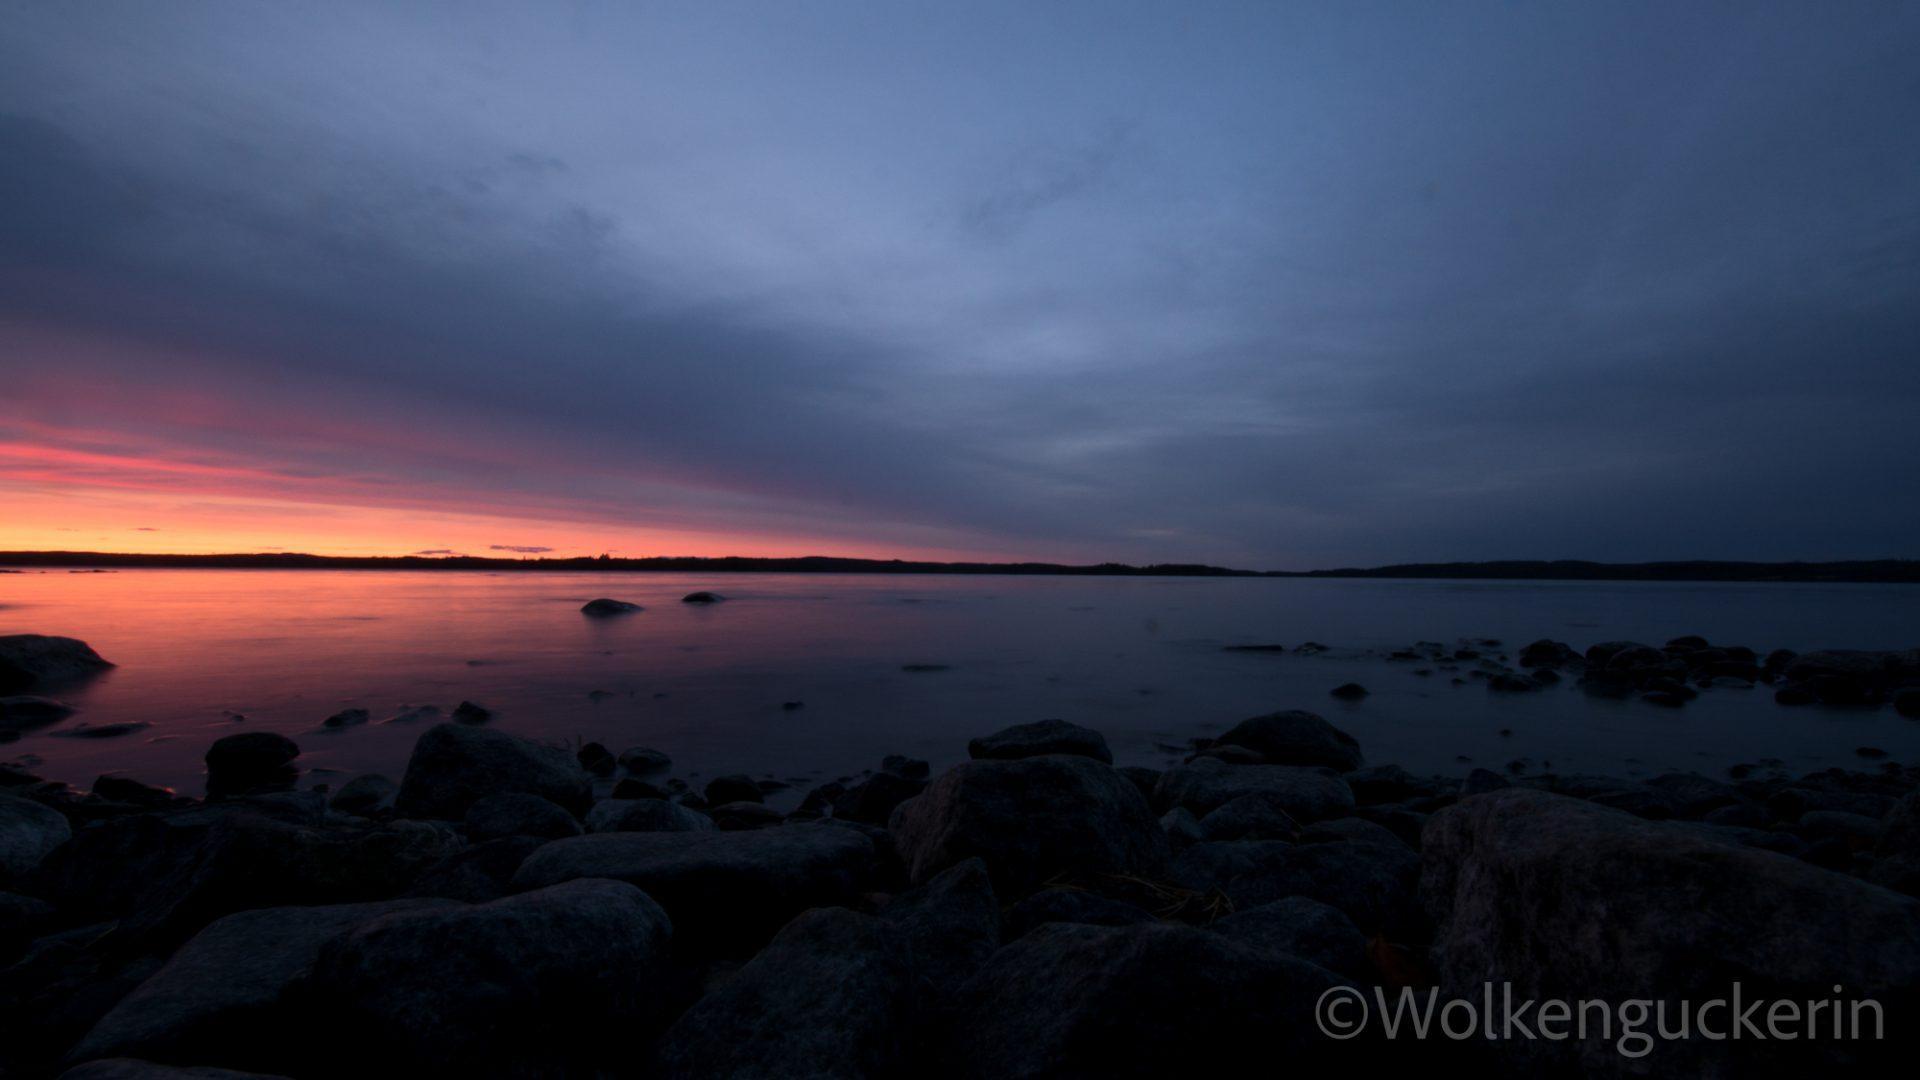 Sonnenuntergang auf einer einsamen Insel in Finnland